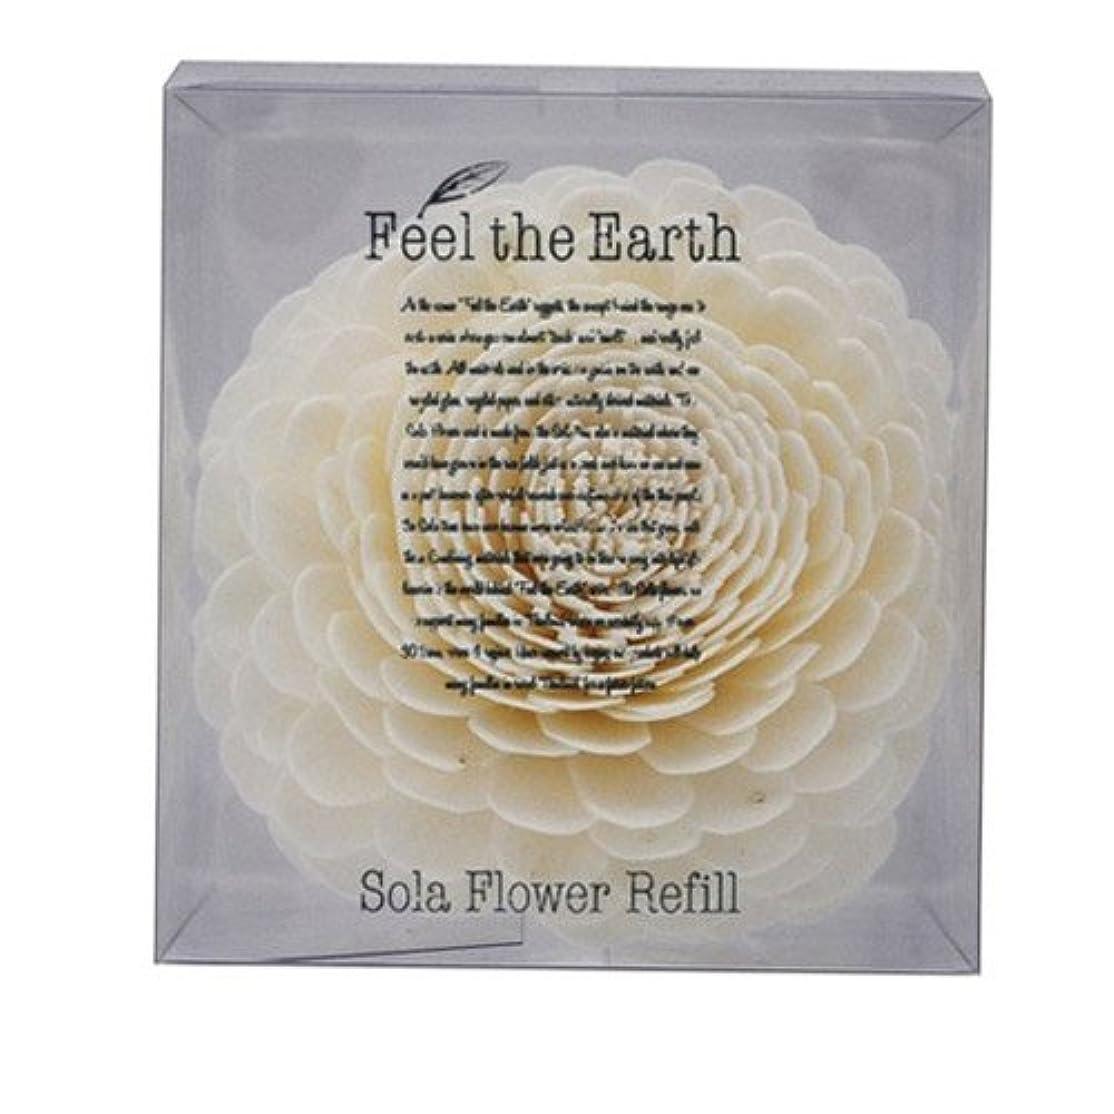 引き算くるくる喜びFEEL THE EARTH ソラフラワー リフィル ダリア DAHLIA フィール ジ アース